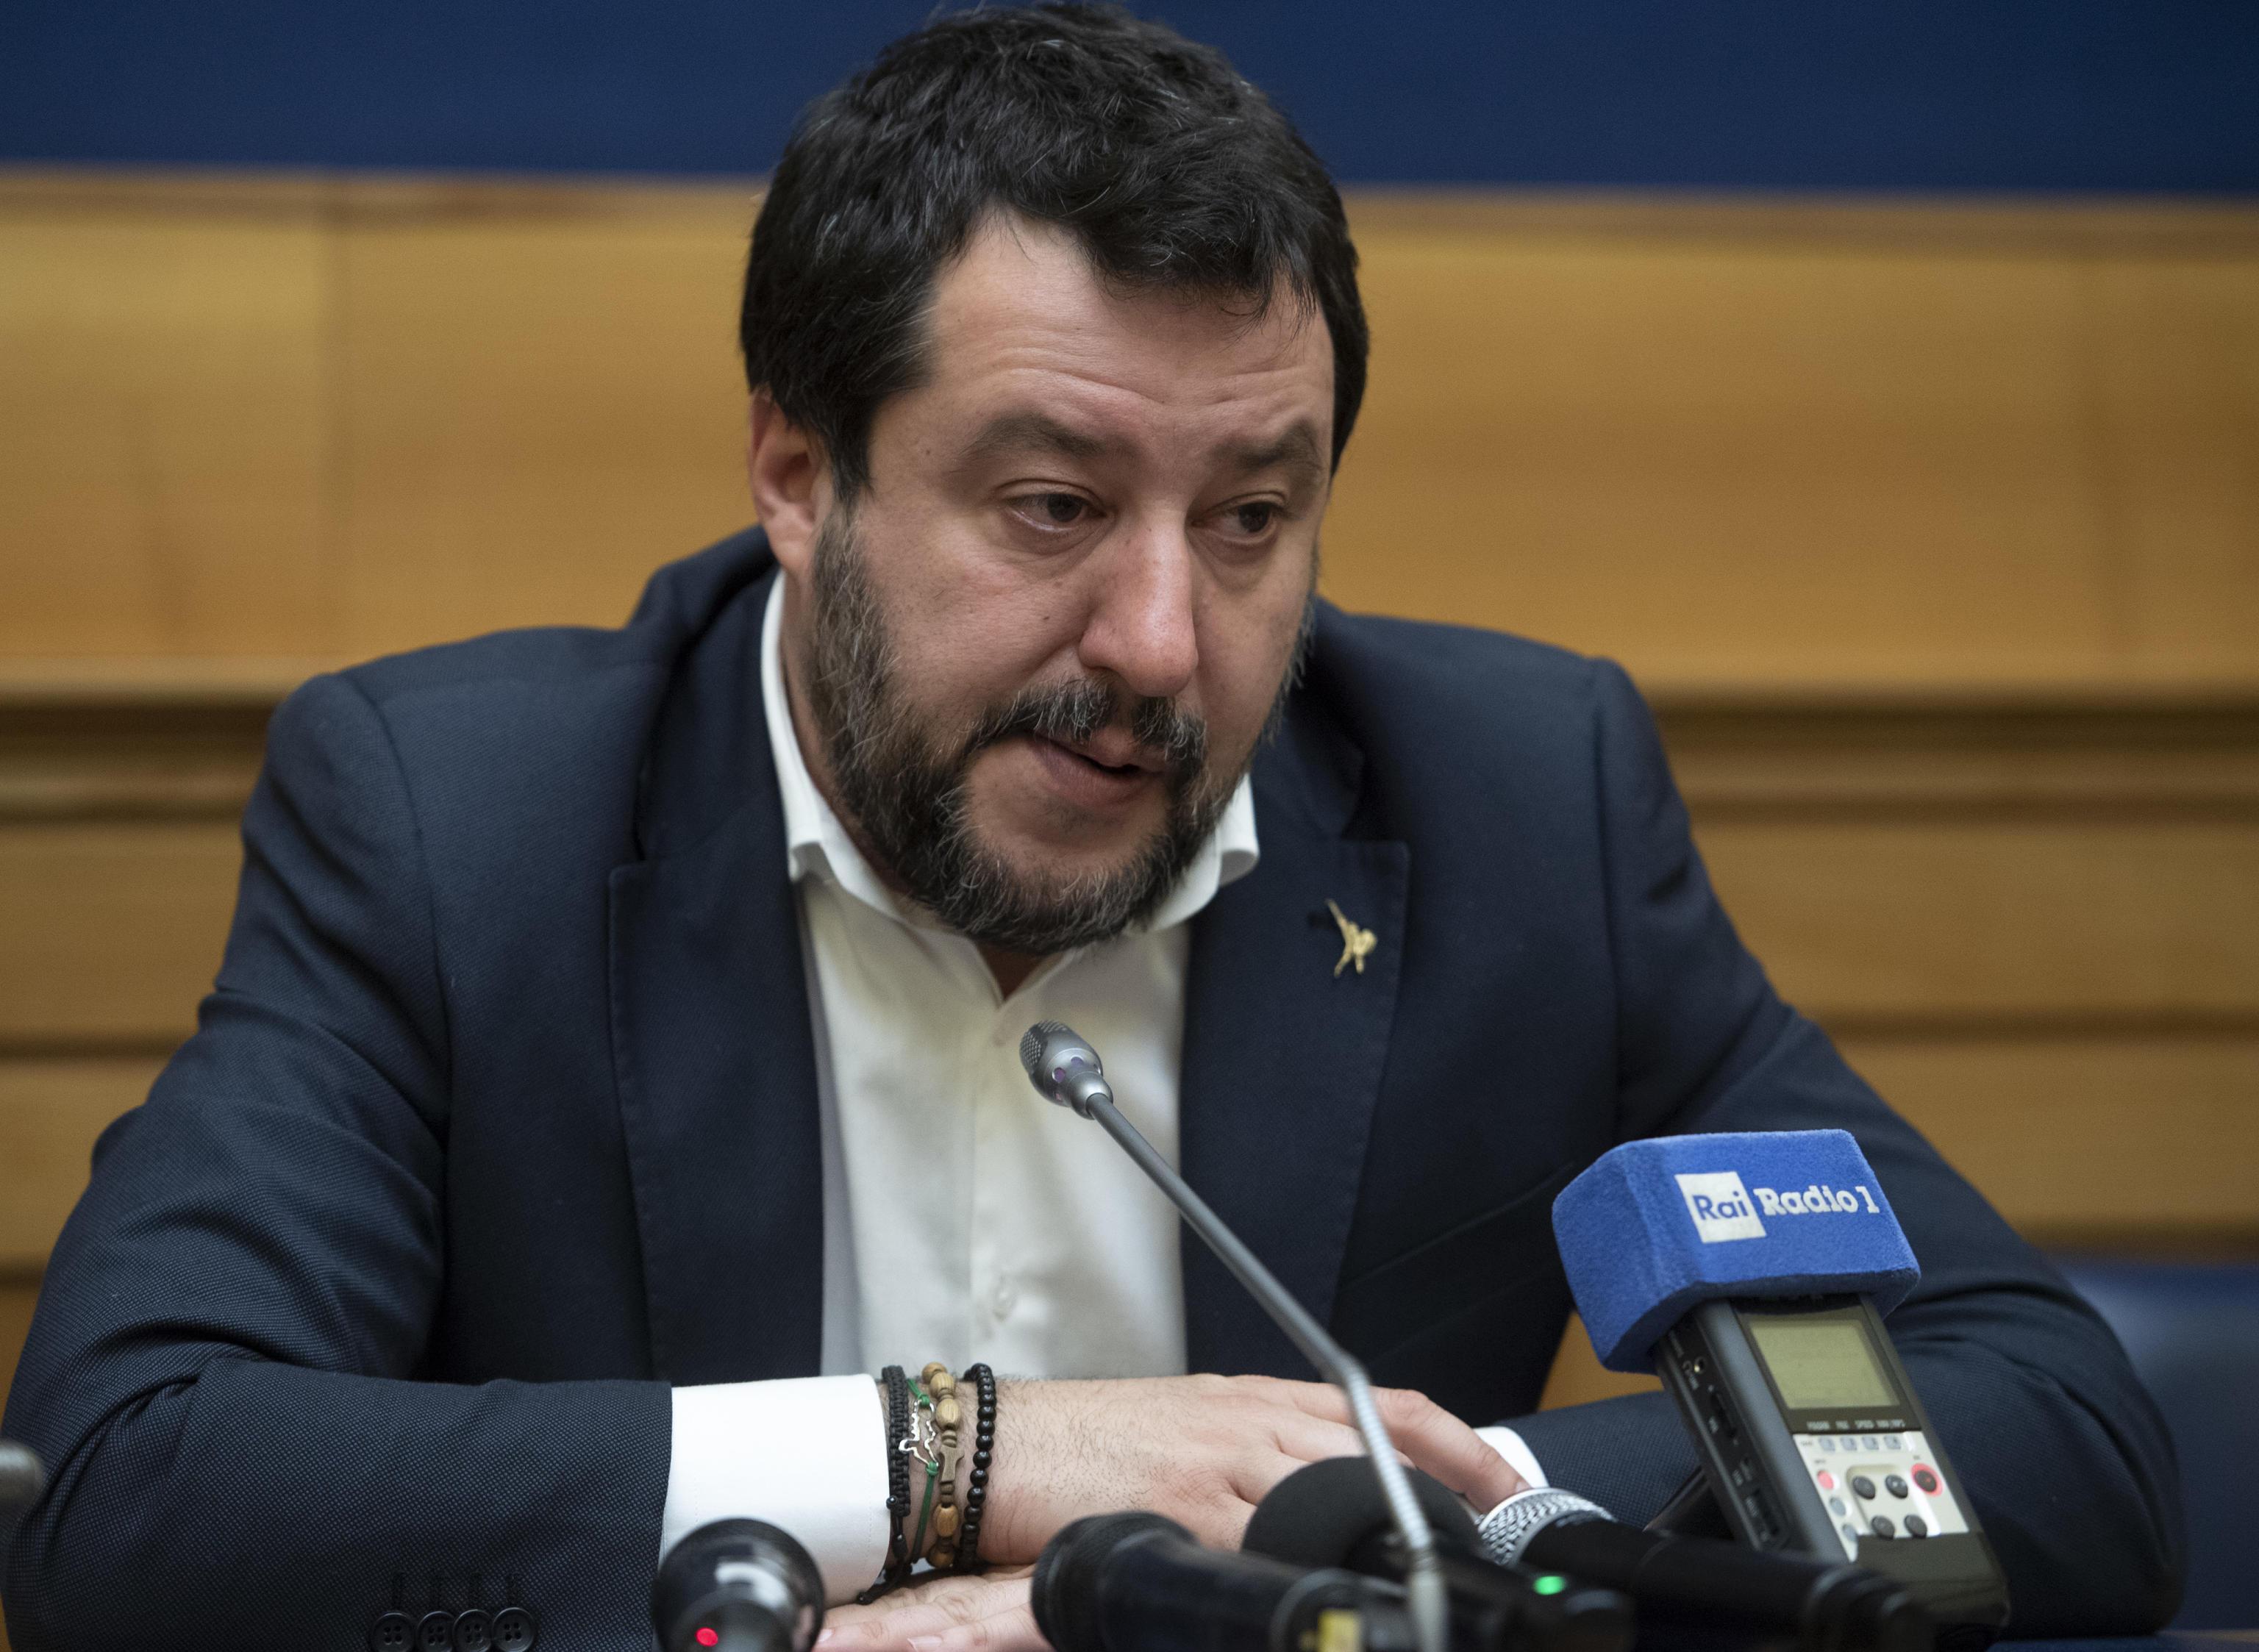 """La talpa nella riunione leghista, il Foglio sgonfia il """"complotto"""": ecco chi ha intercettato gli audio di Salvini"""